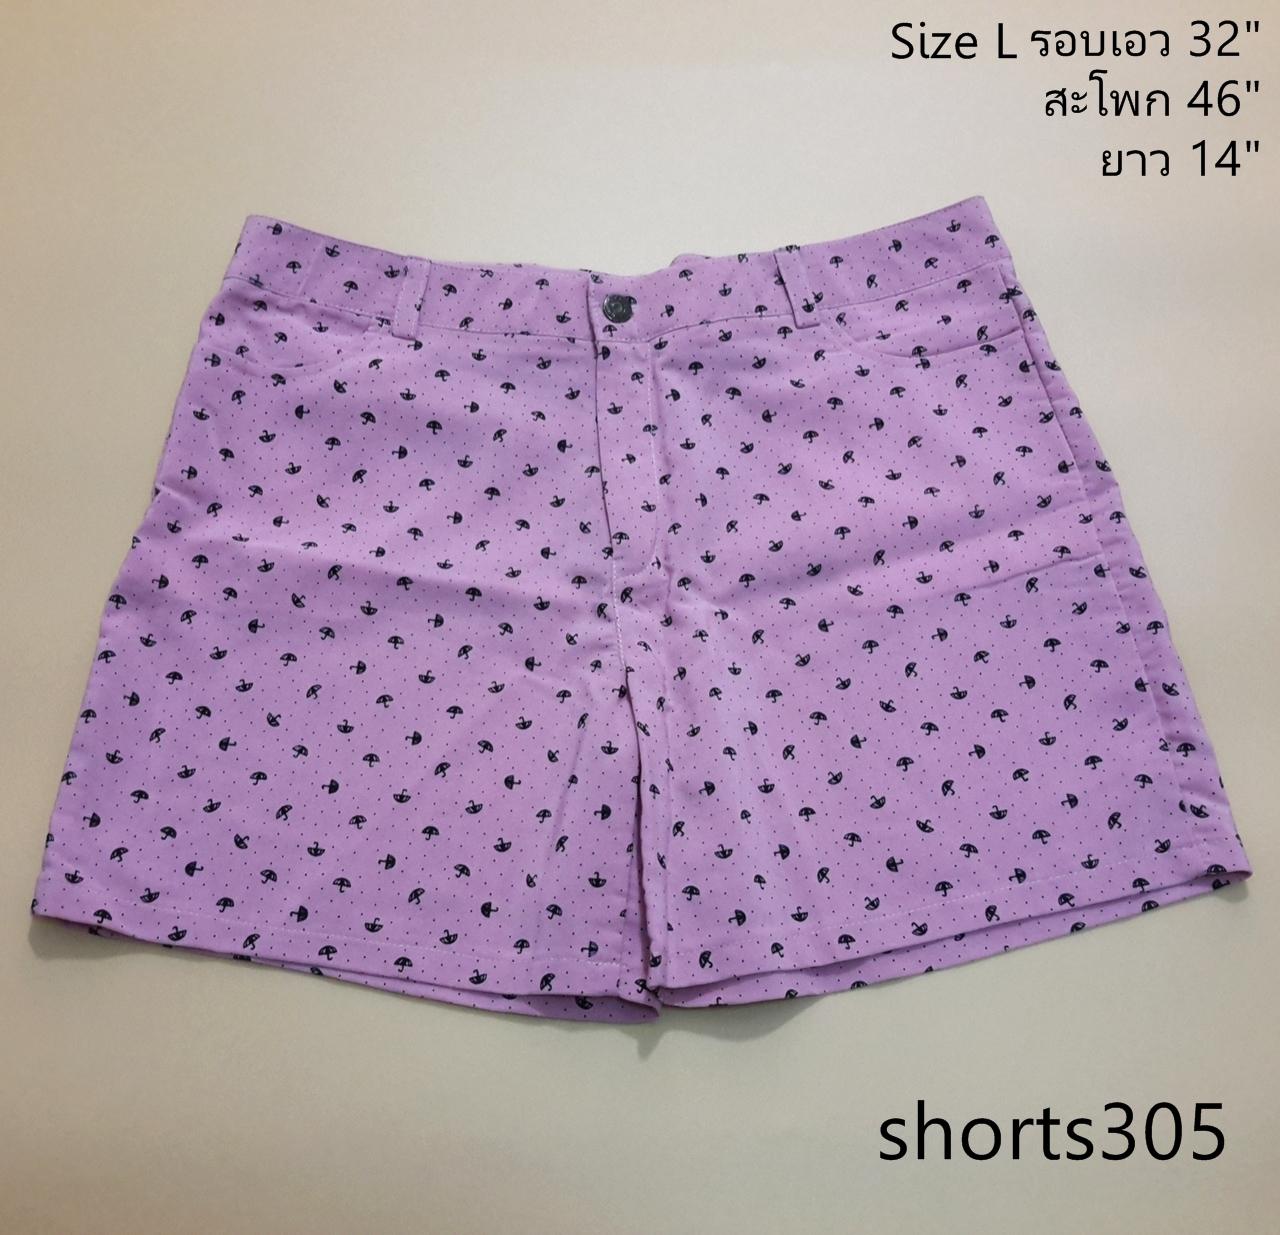 shorts305 กางเกงขาสั้น กระดุมซิป ผ้ายีนส์เทียมลายร่ม สีชมพู Size L